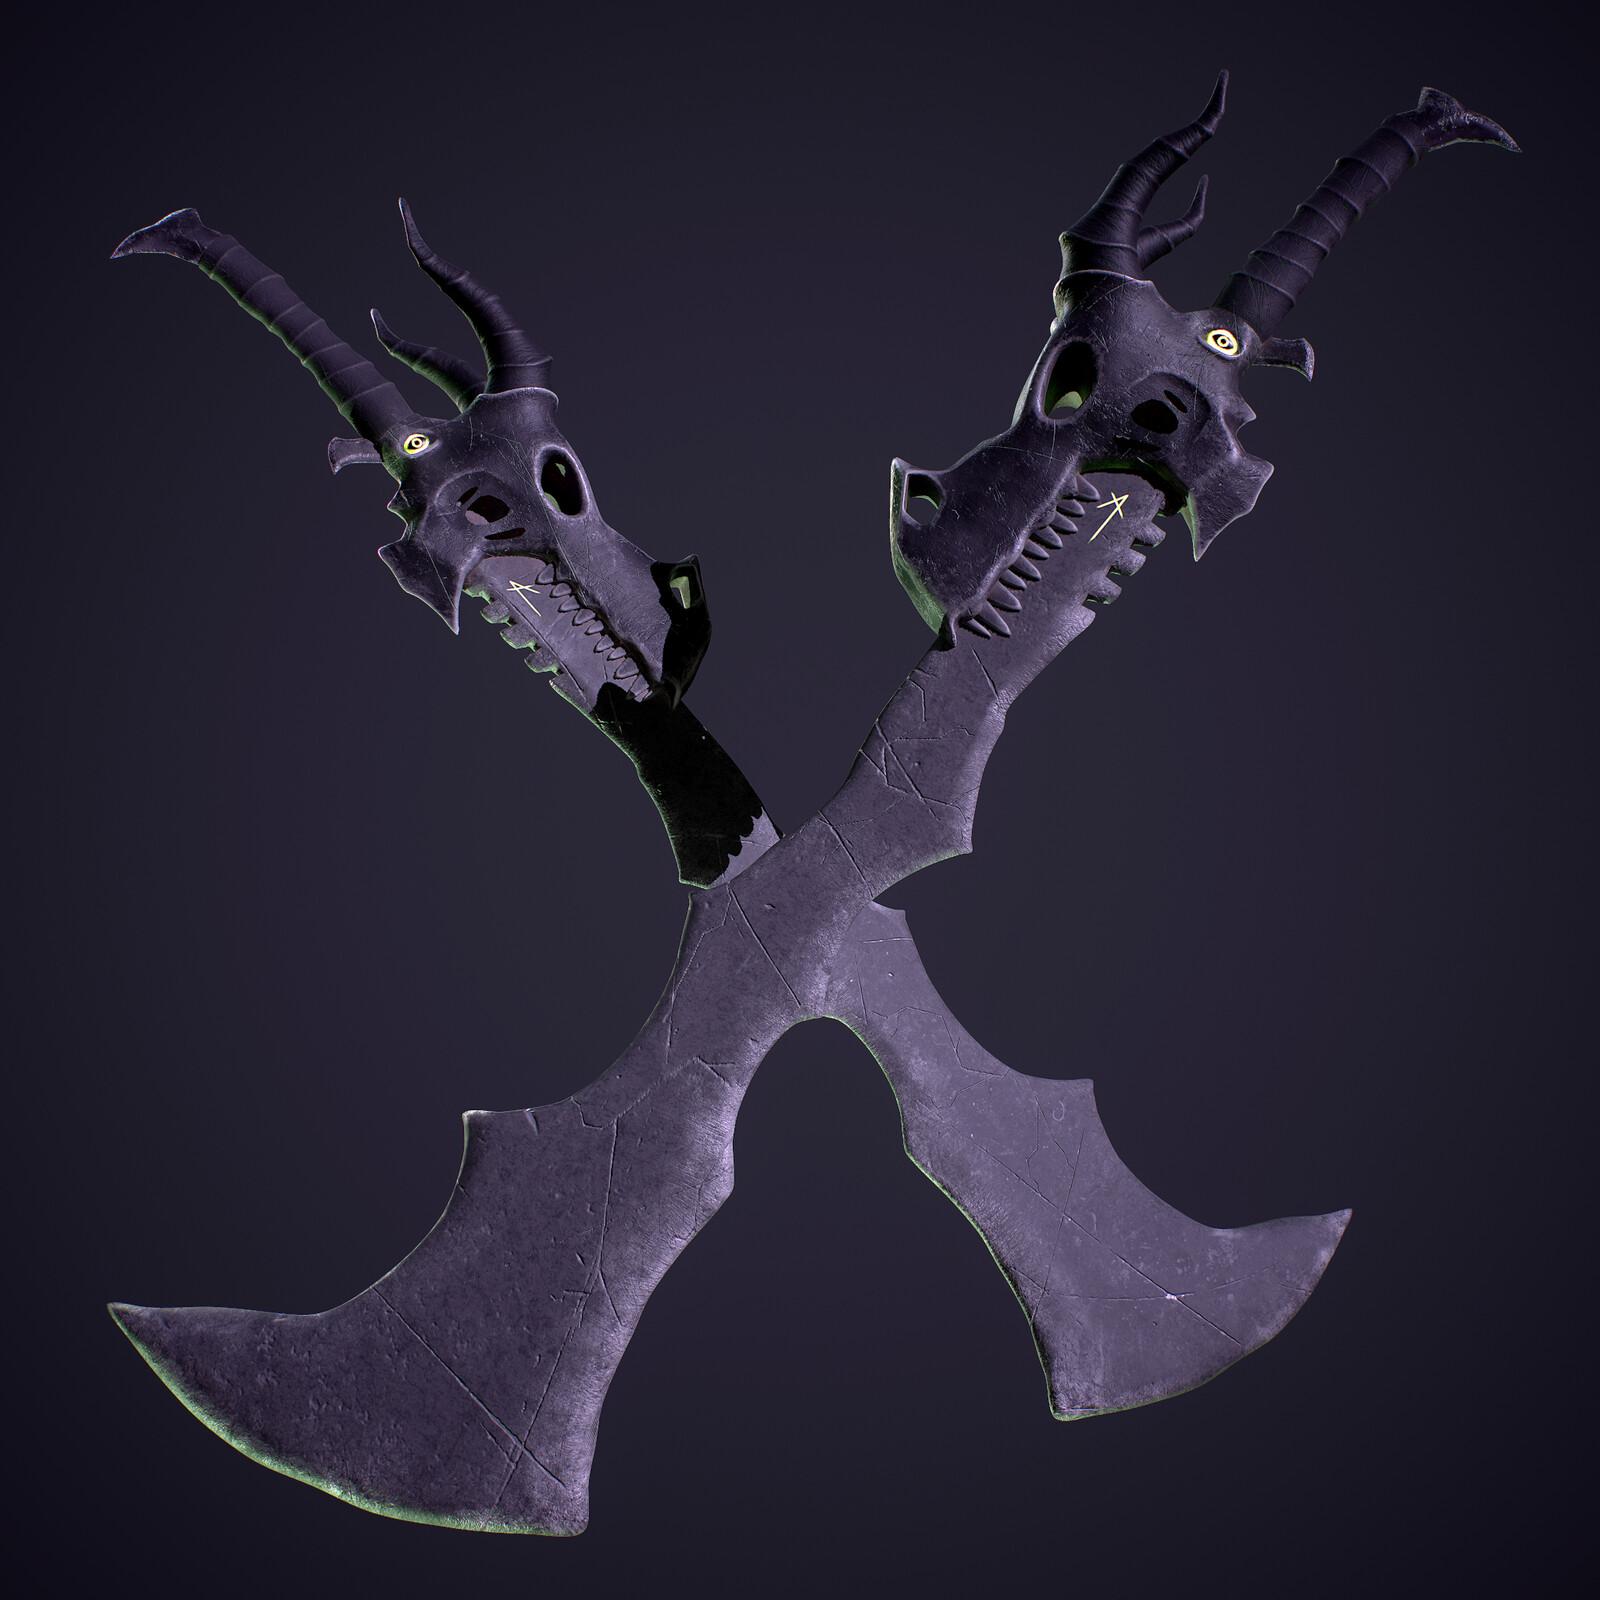 Devourer Great Sword (Concept by Dejan Mihaljevic)